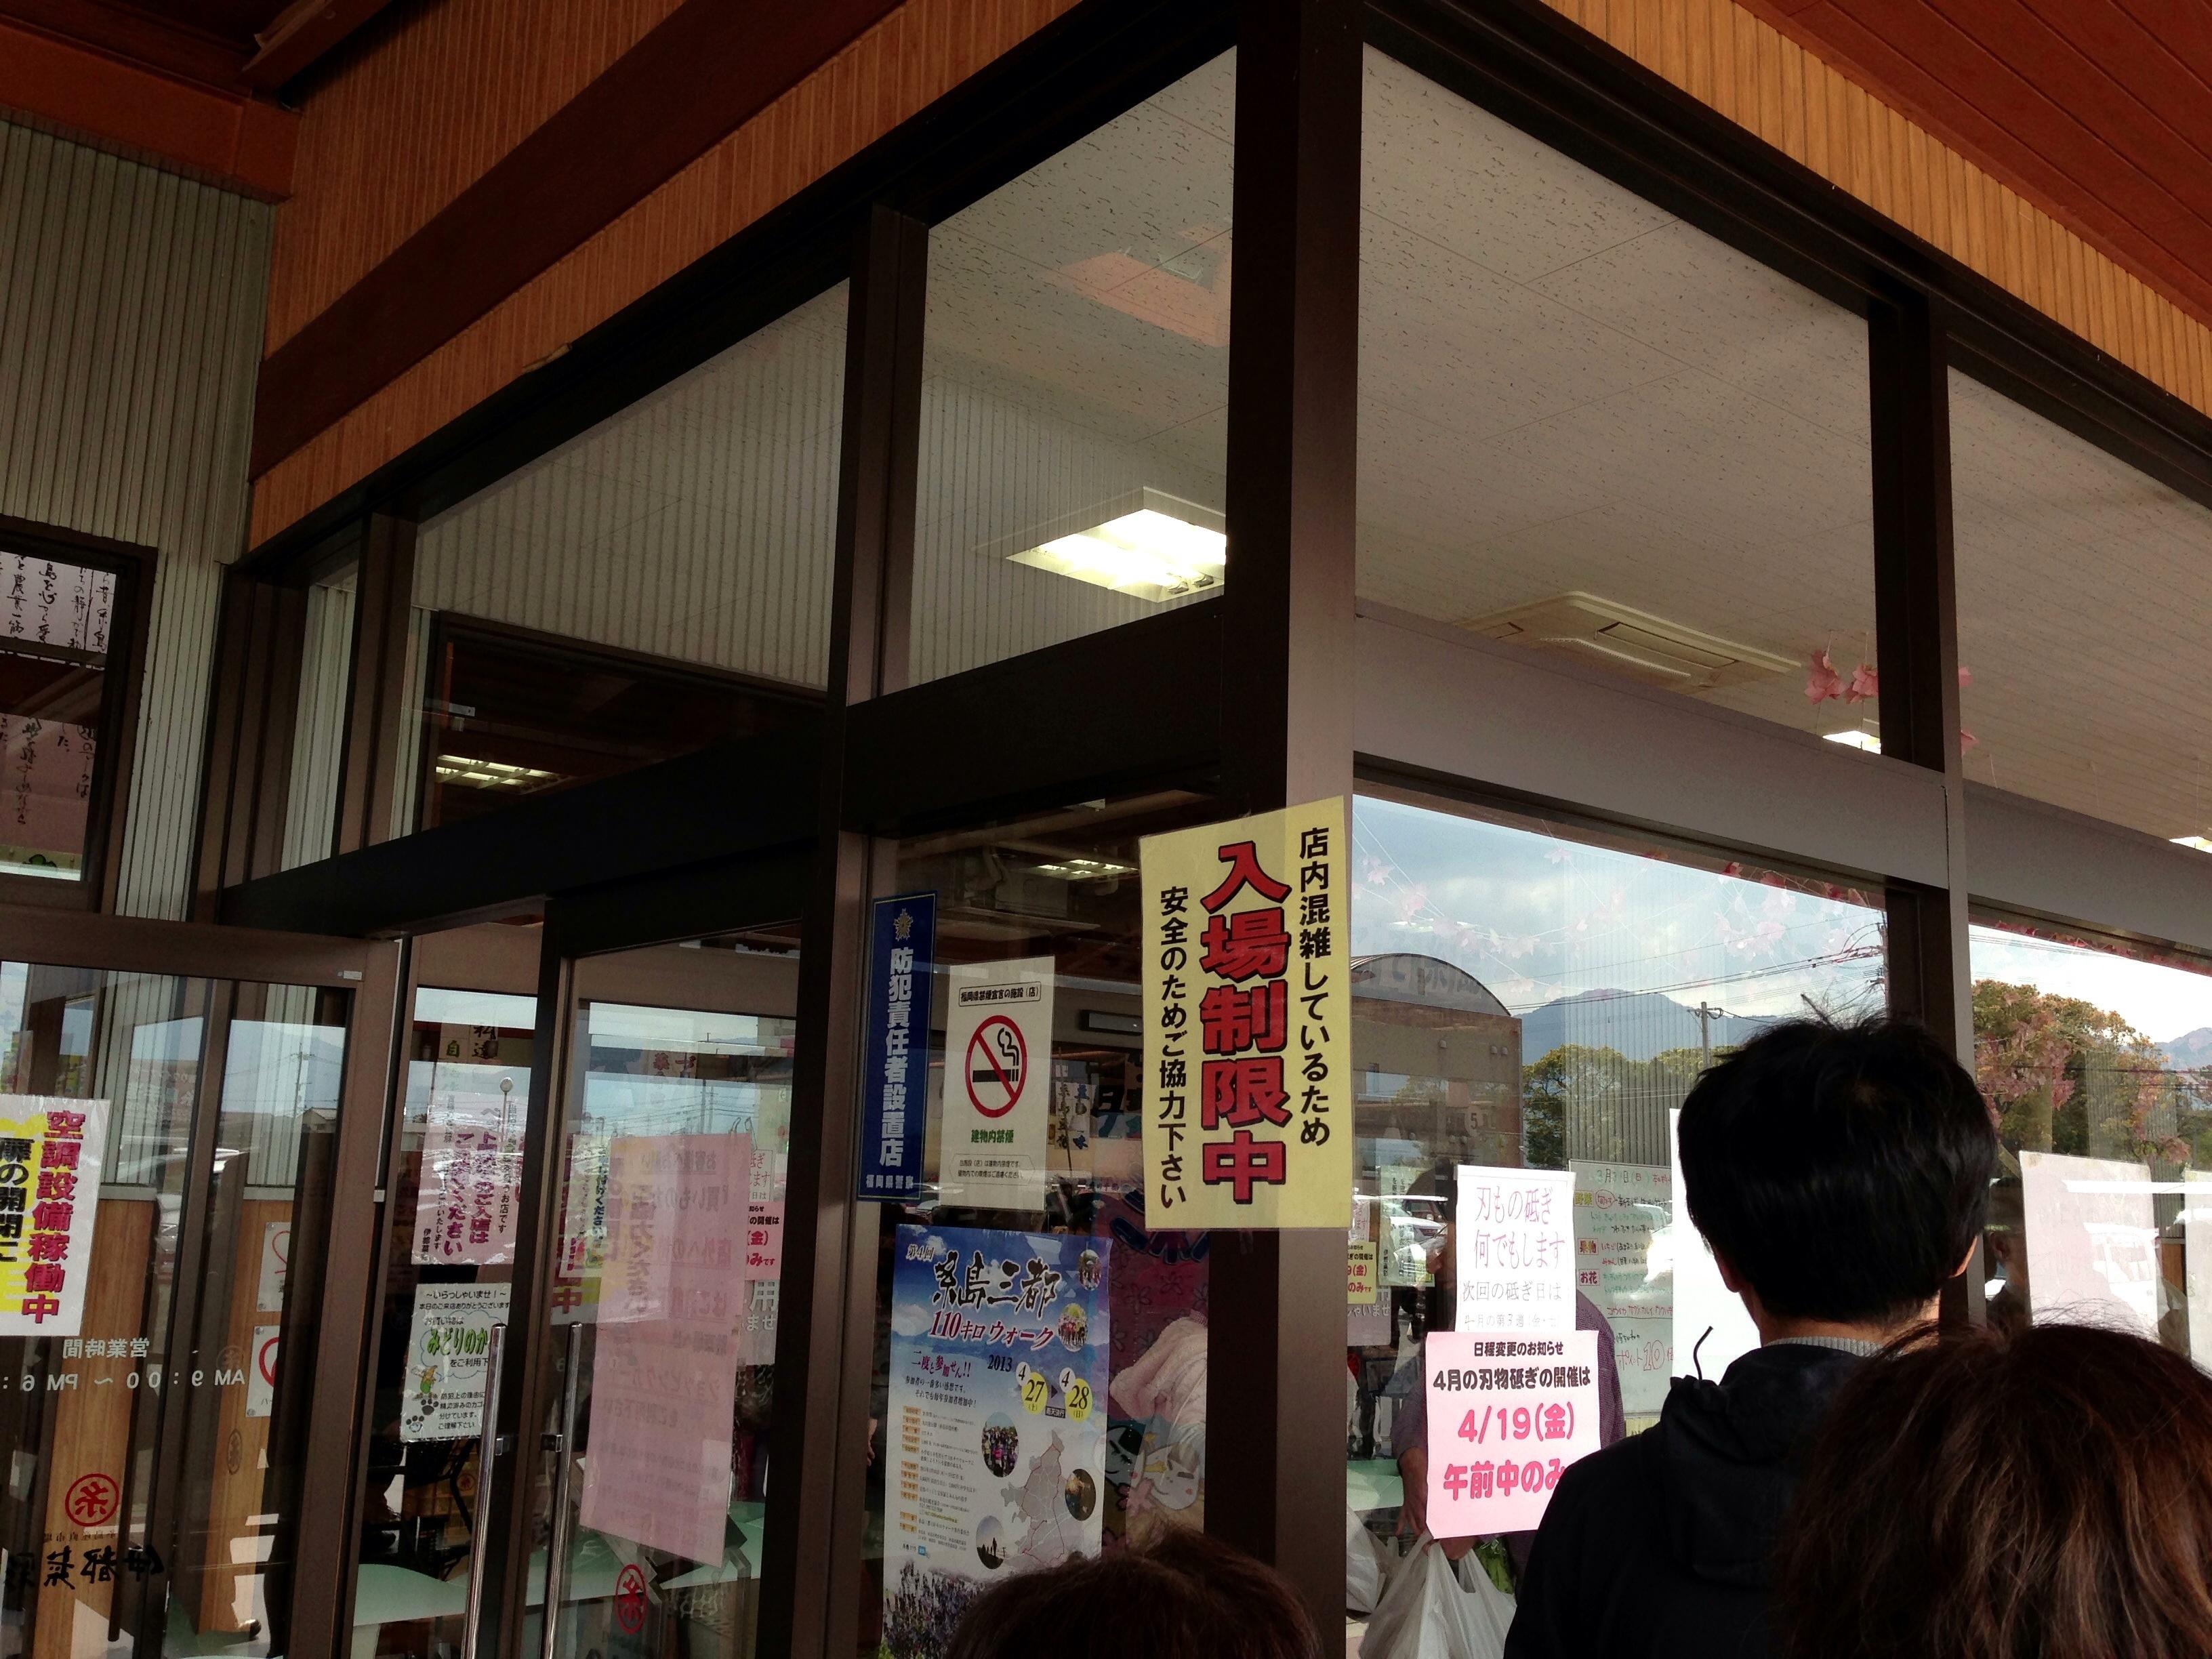 【糸島】31日はポイント10倍の伊都菜彩は入場制限必至!午前中でも10時までには到着すべし!「伊都菜彩」